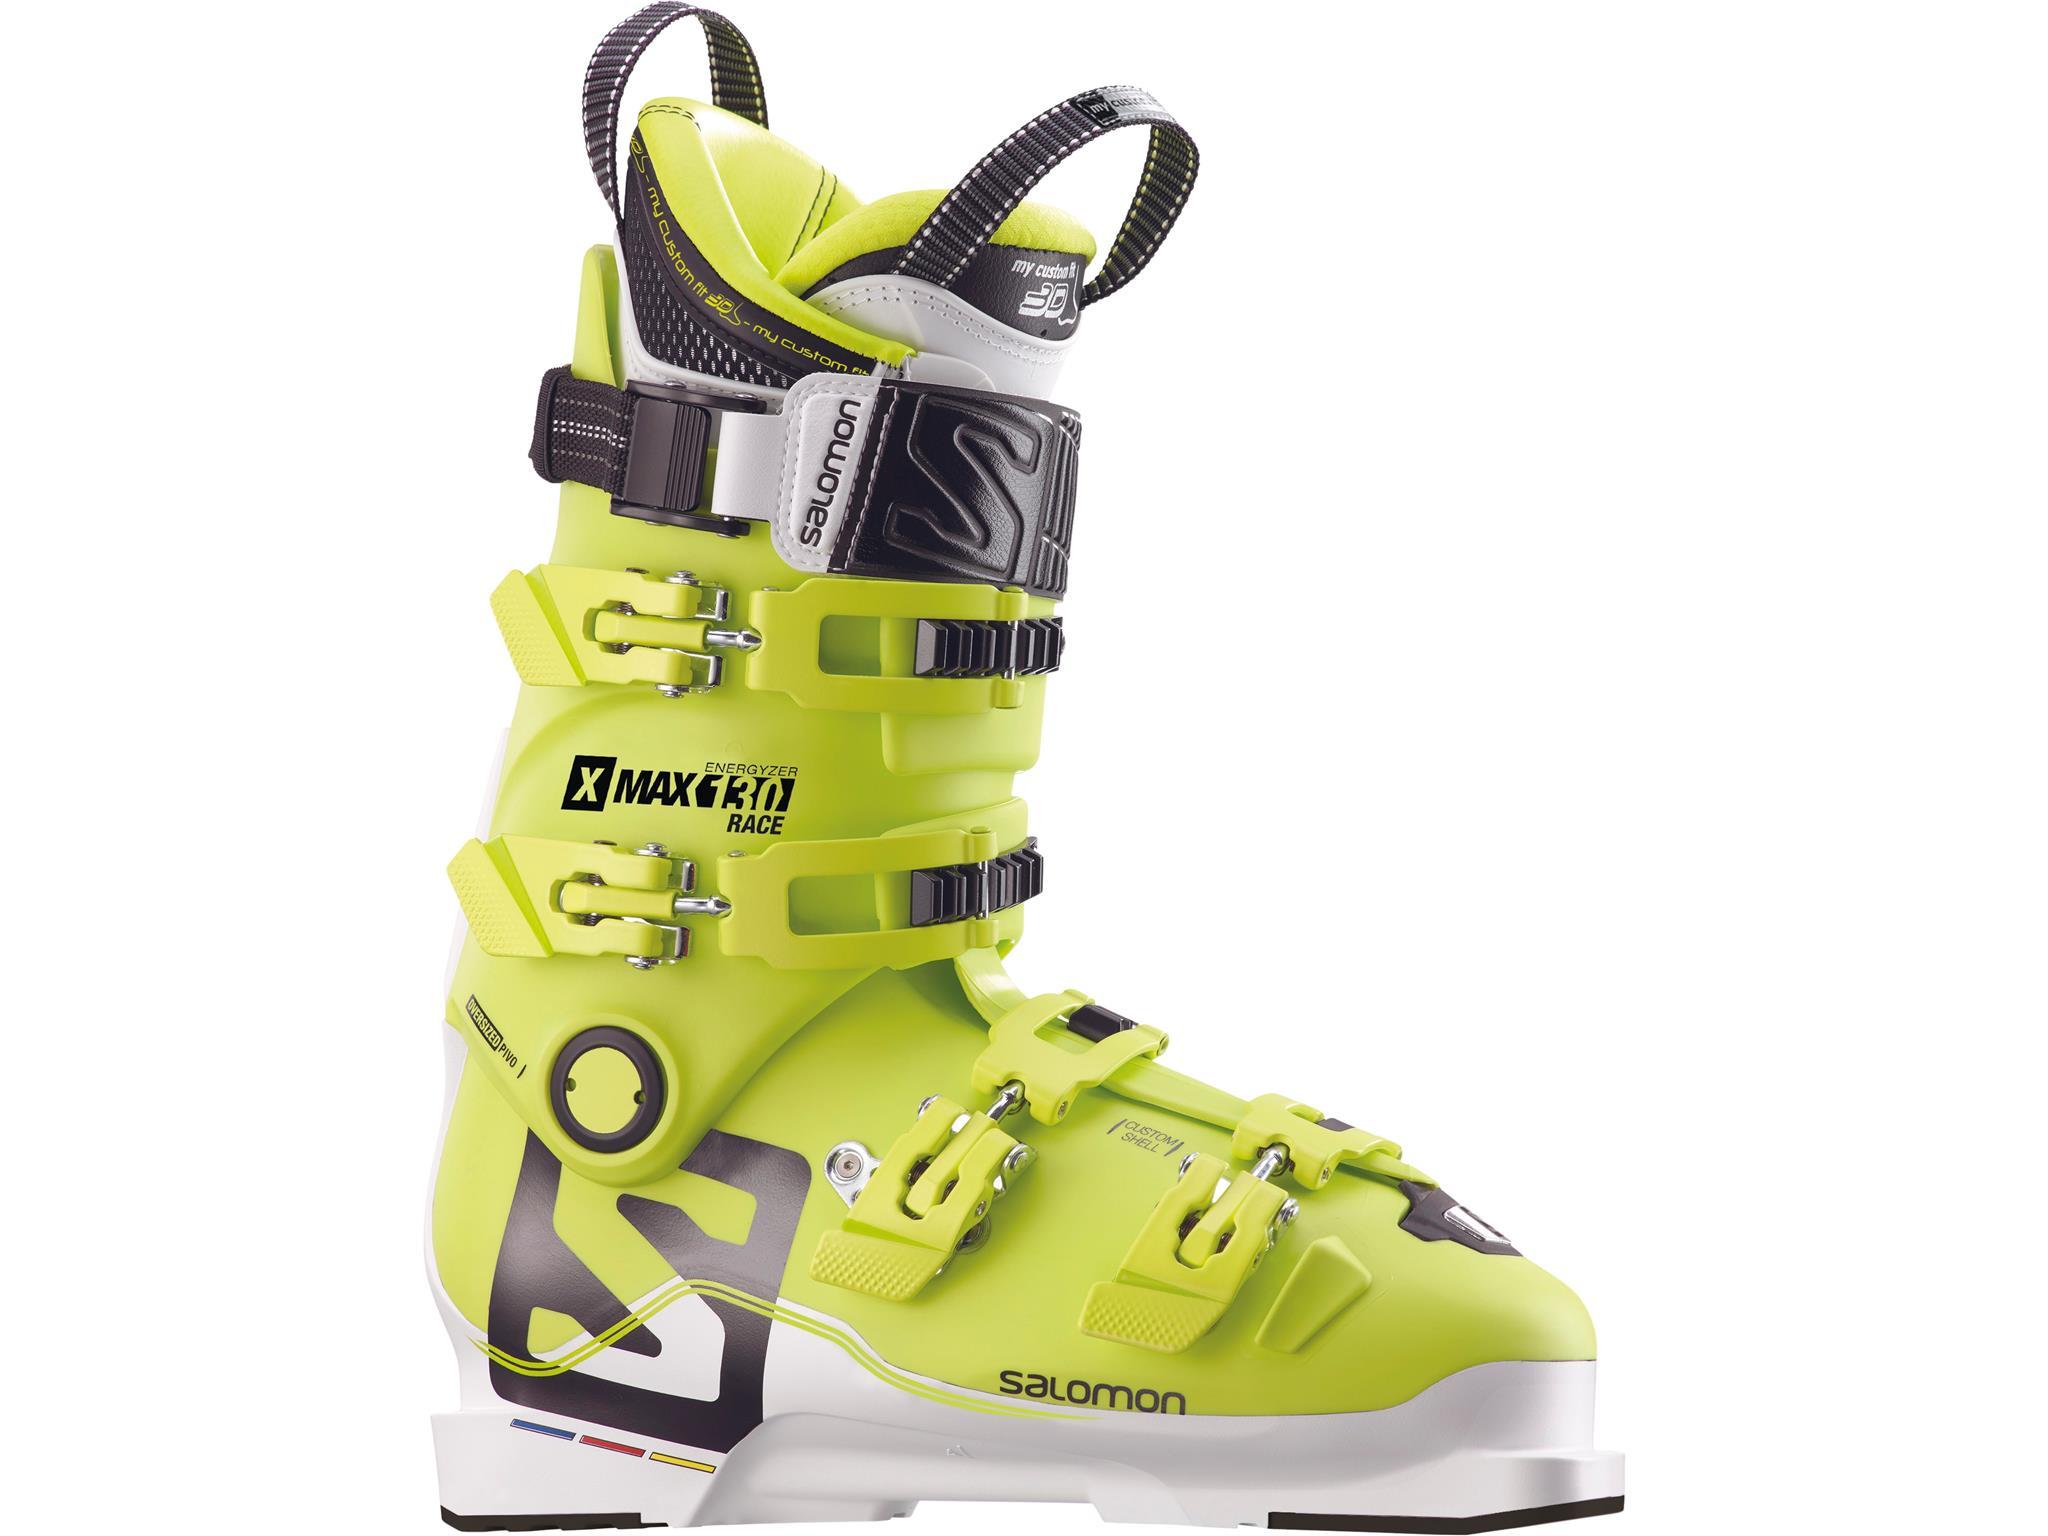 f68cf13ecb4e Buty narciarskie Salomon X MAX Race 130 - Sklep internetowy ...